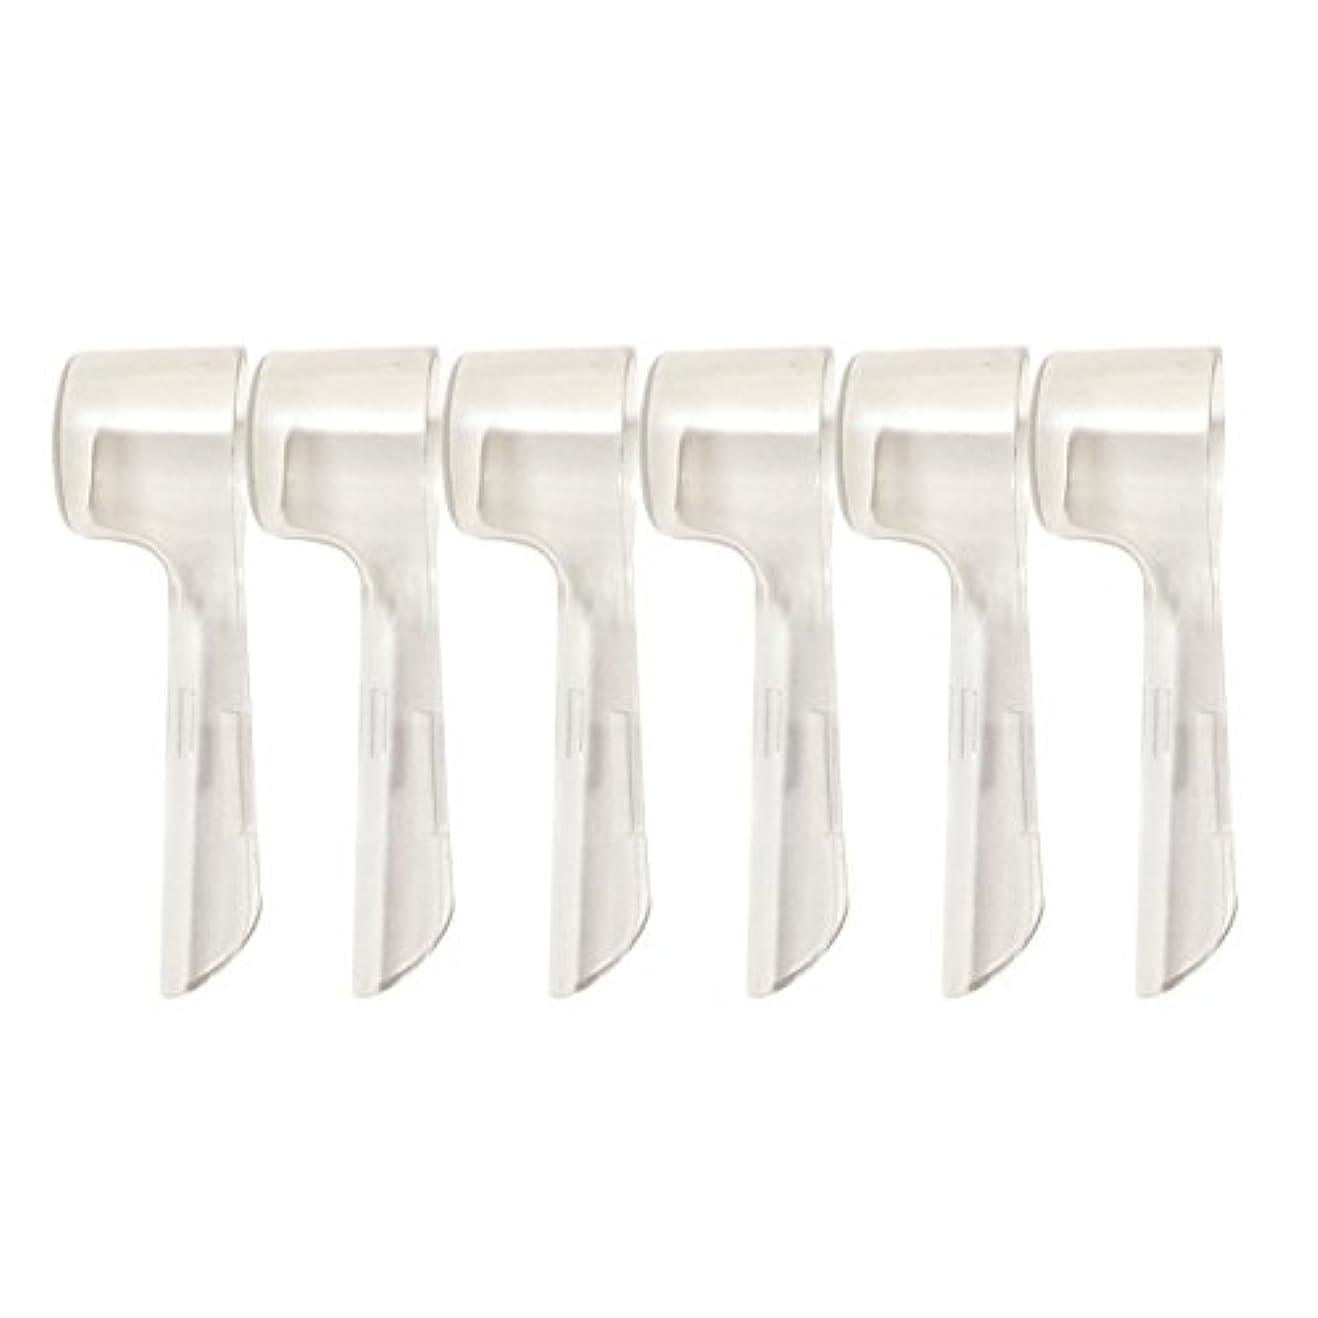 手を差し伸べるまどろみのある火曜日SUPVOX 旅行のために便利な電動歯ブラシのための6本の歯ブラシヘッド保護カバーとより衛生的にするために細菌をほこりから守るためのより衛生的な